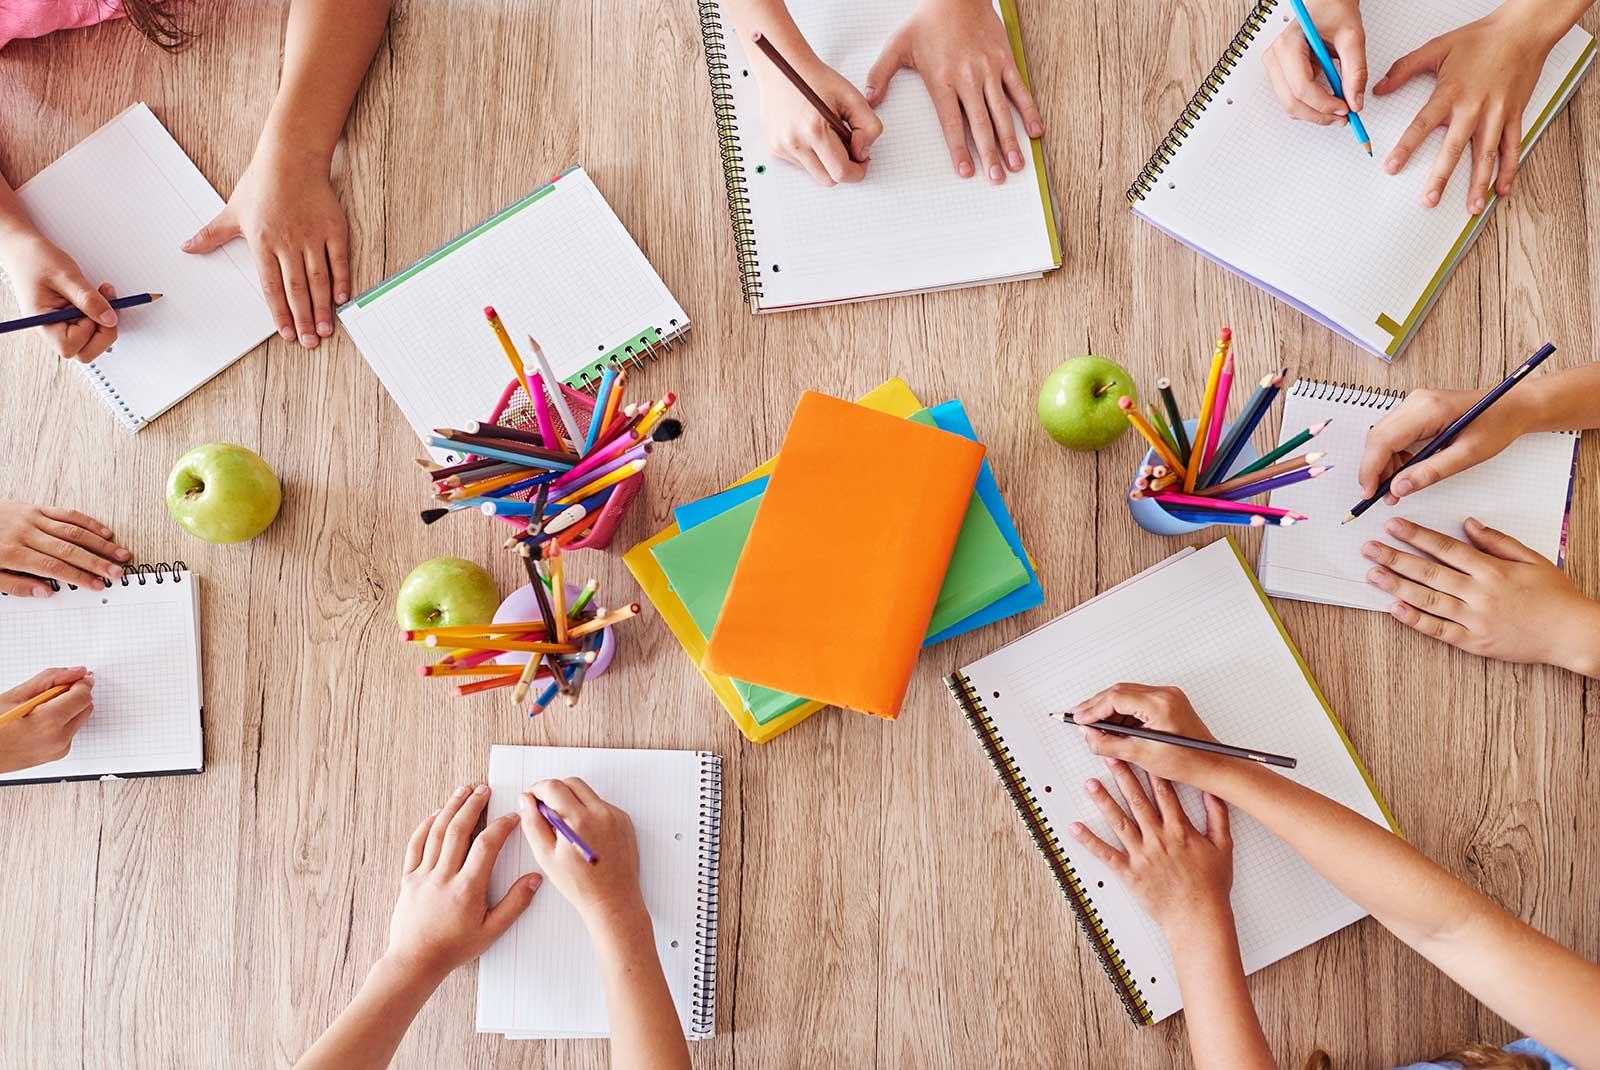 Crtaći i pisaći pribor za sve namjene